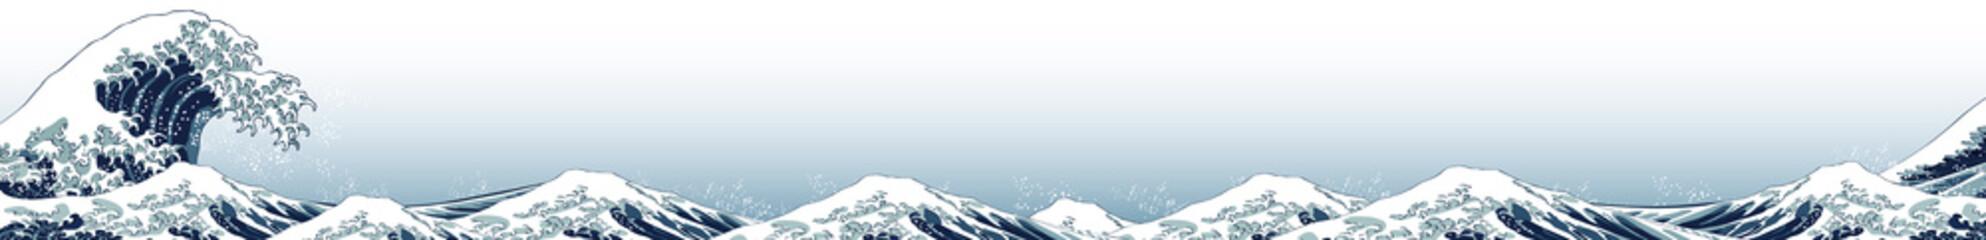 神奈川沖浪裏 ロングロングバージョン